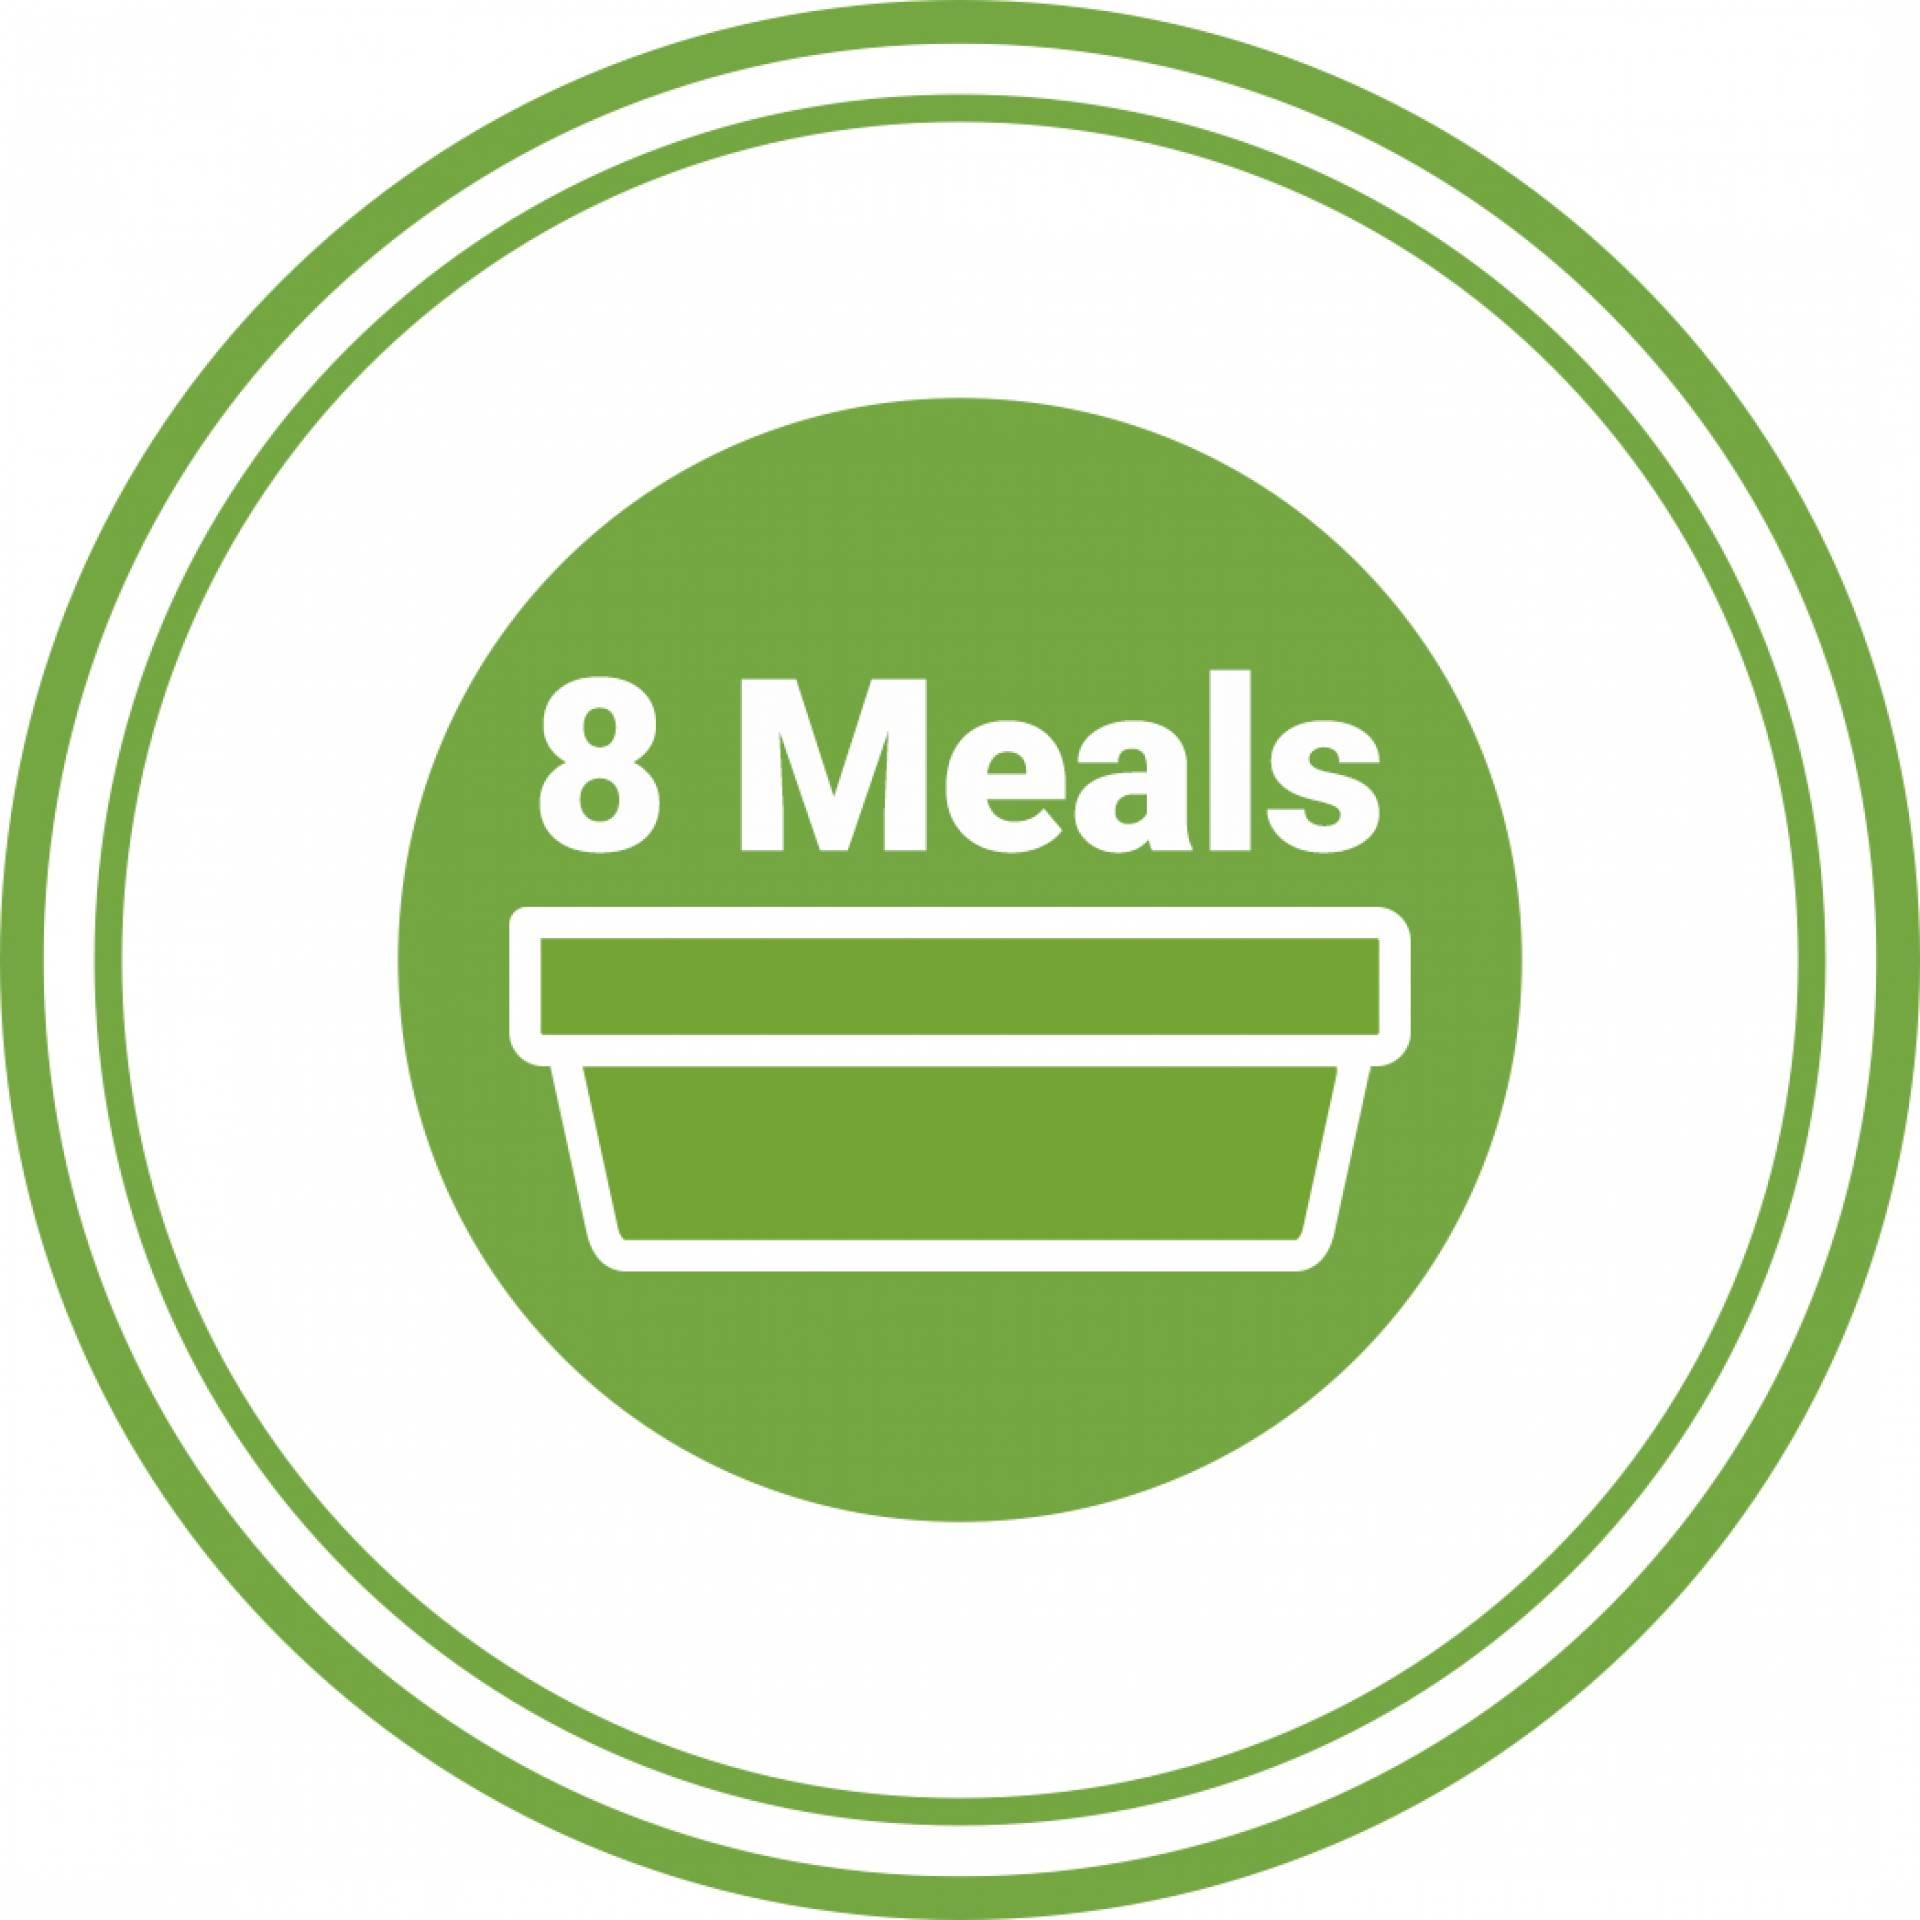 8 Meals